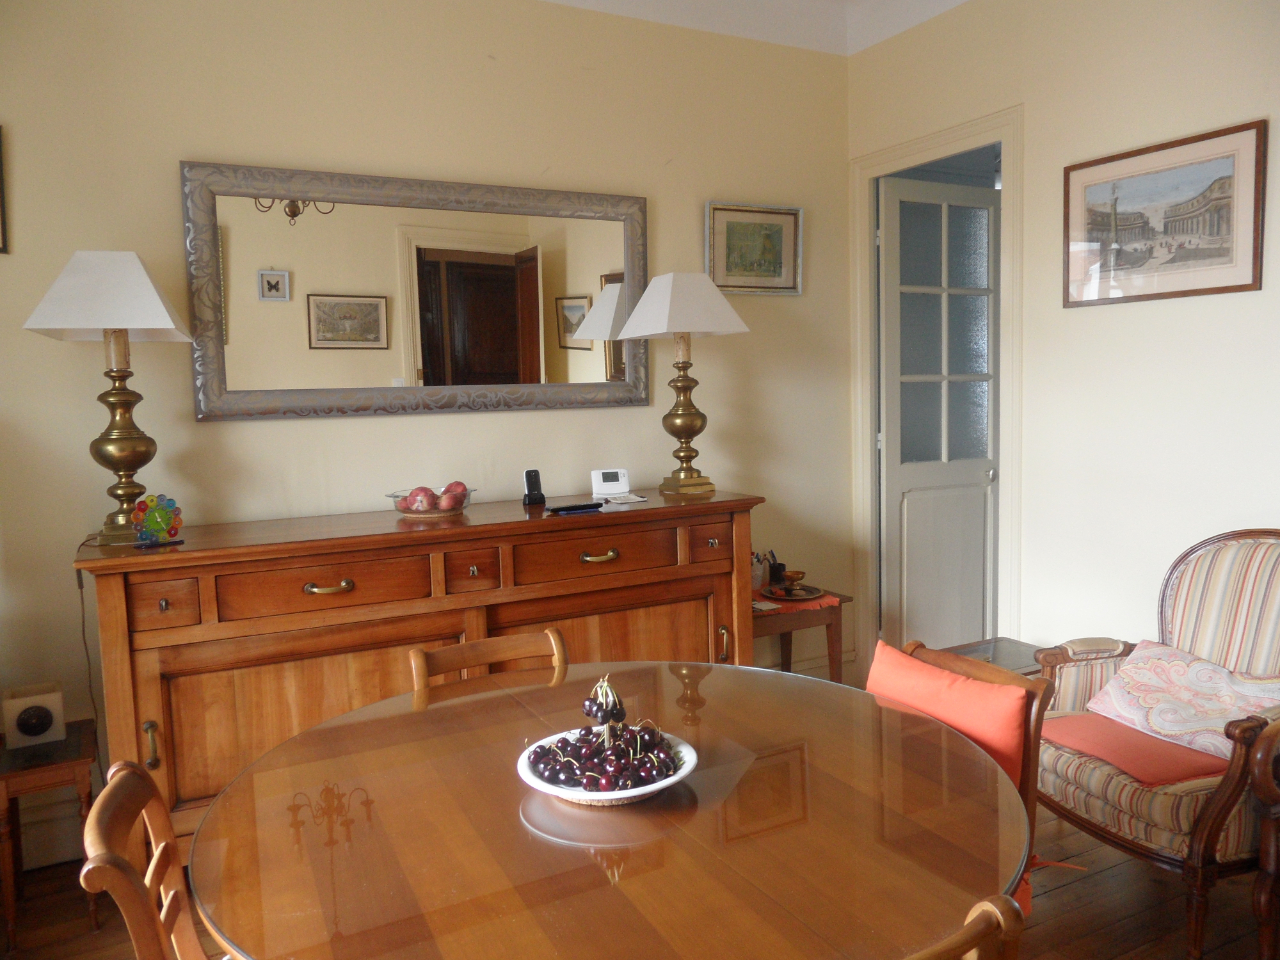 vente maison à SAINT JEAN DE LUZ - 1 052 600